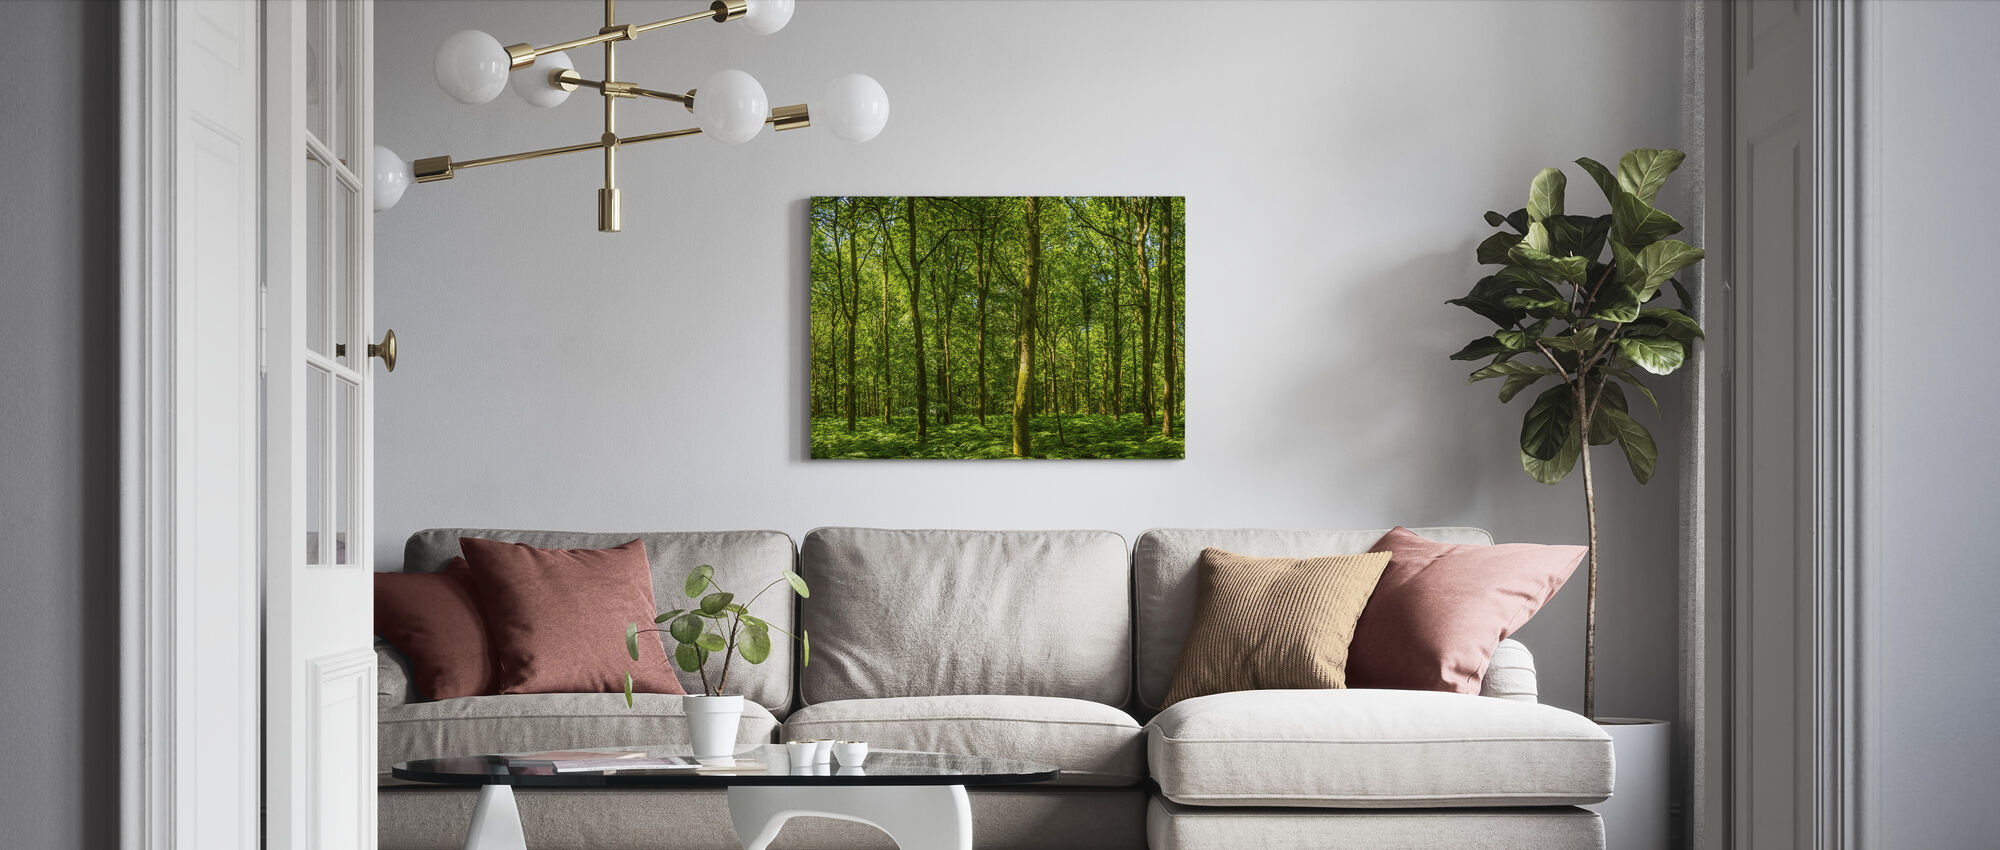 Emerald Grøn Panorama Skov - Billede på lærred - Stue